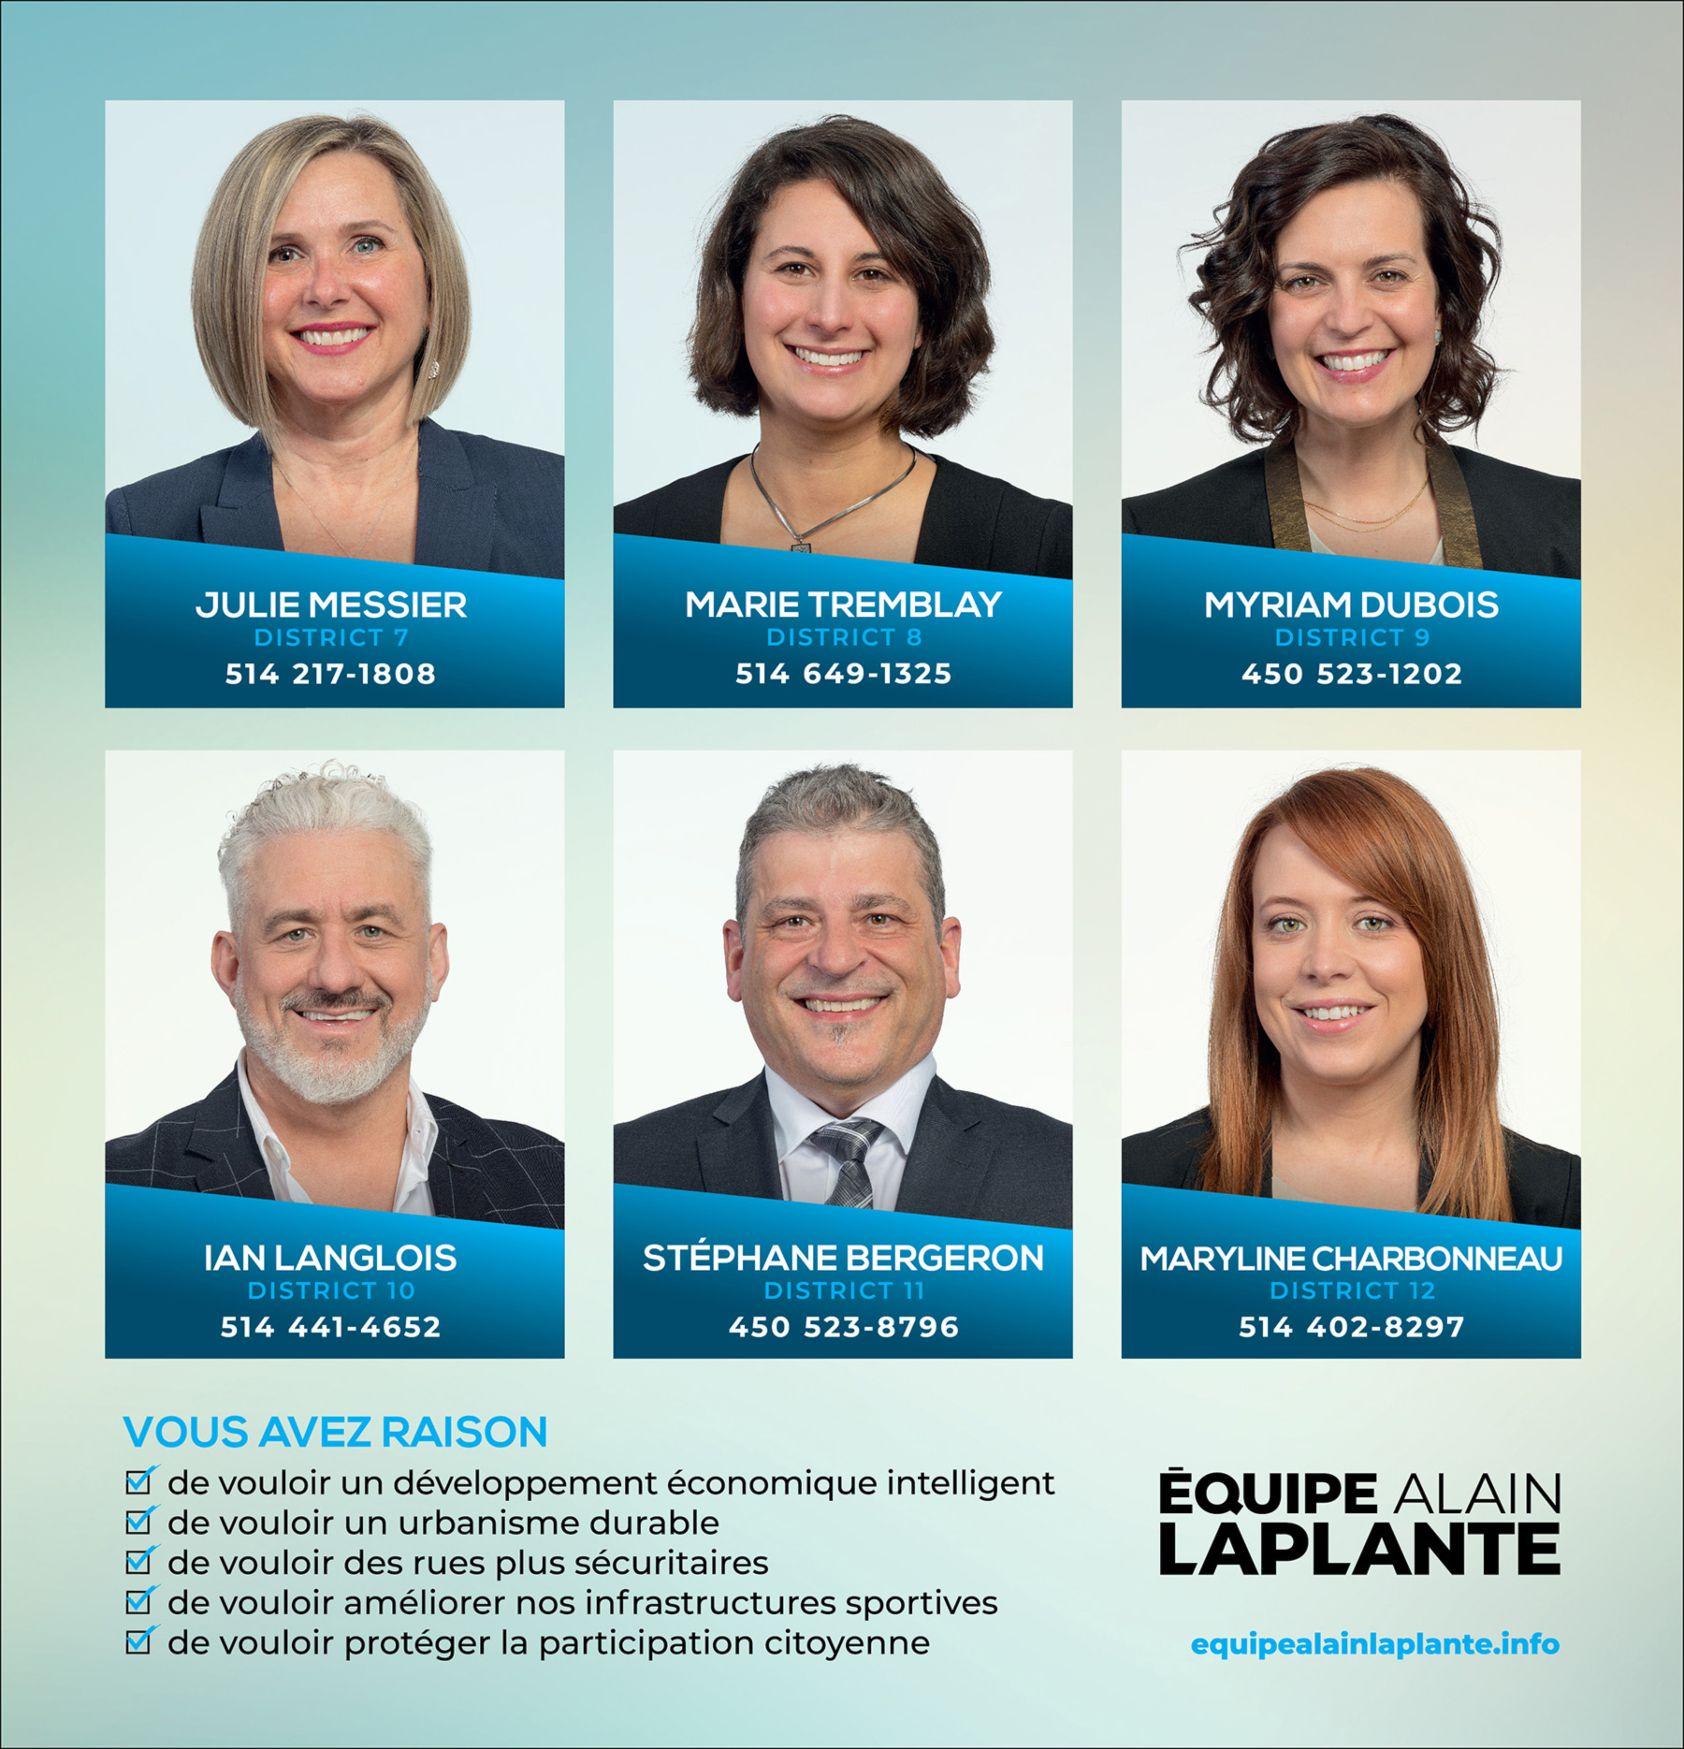 laplante 3